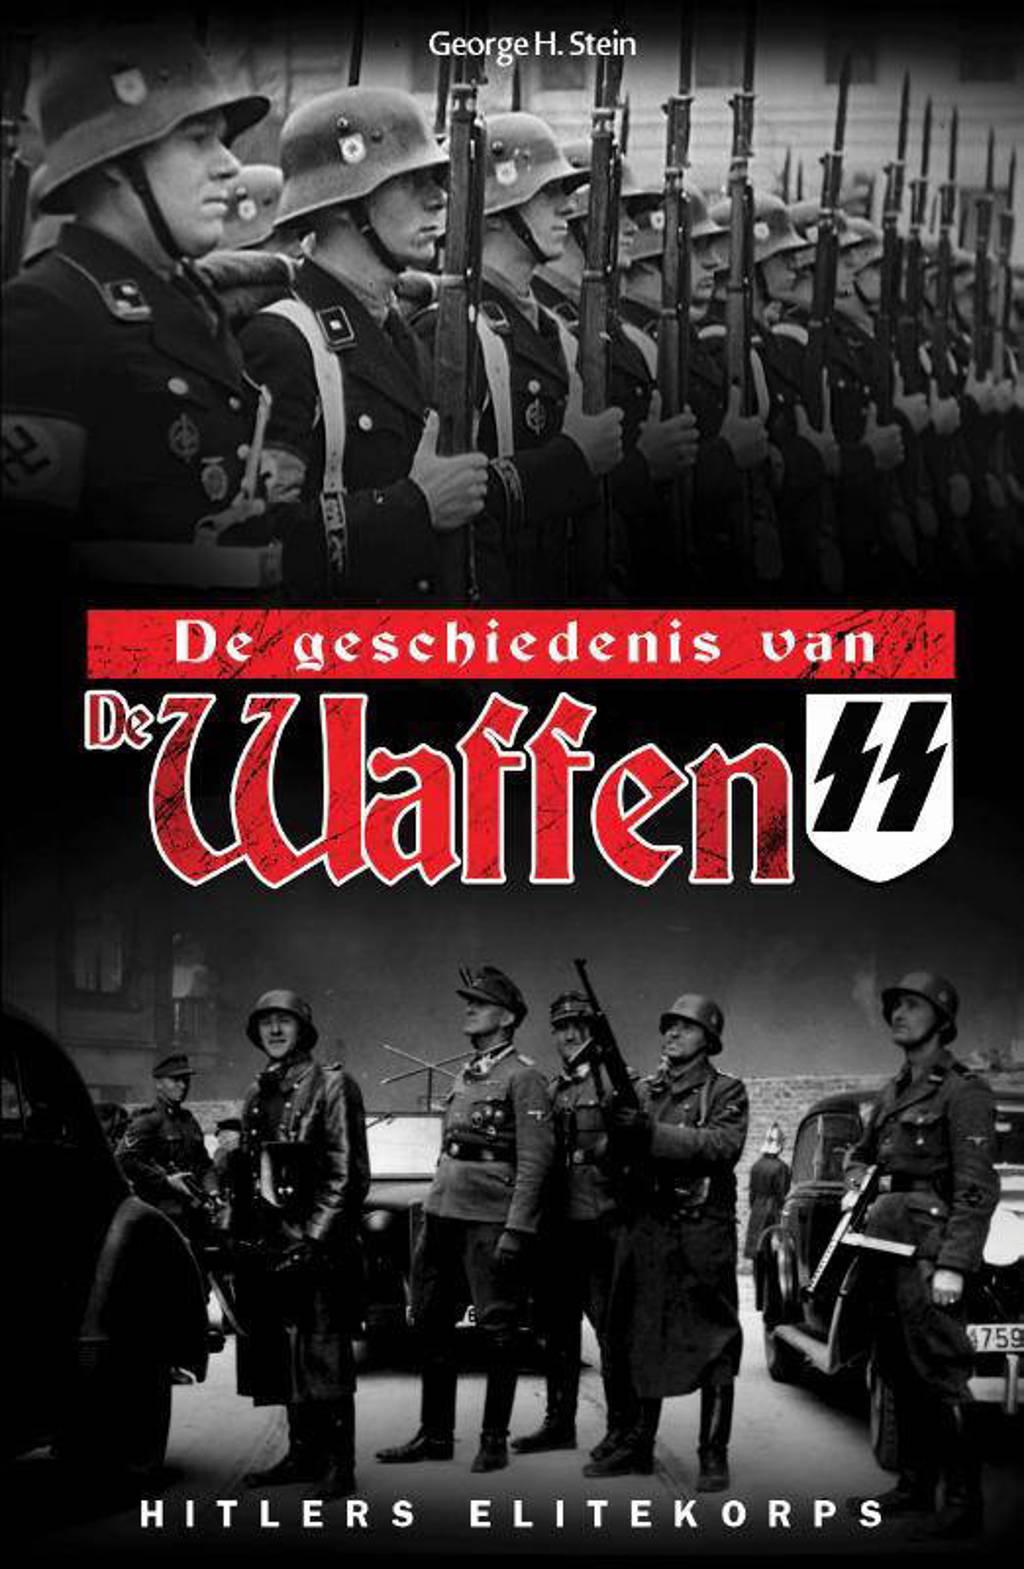 De geschiedenis van Waffen SS - George H. Stein